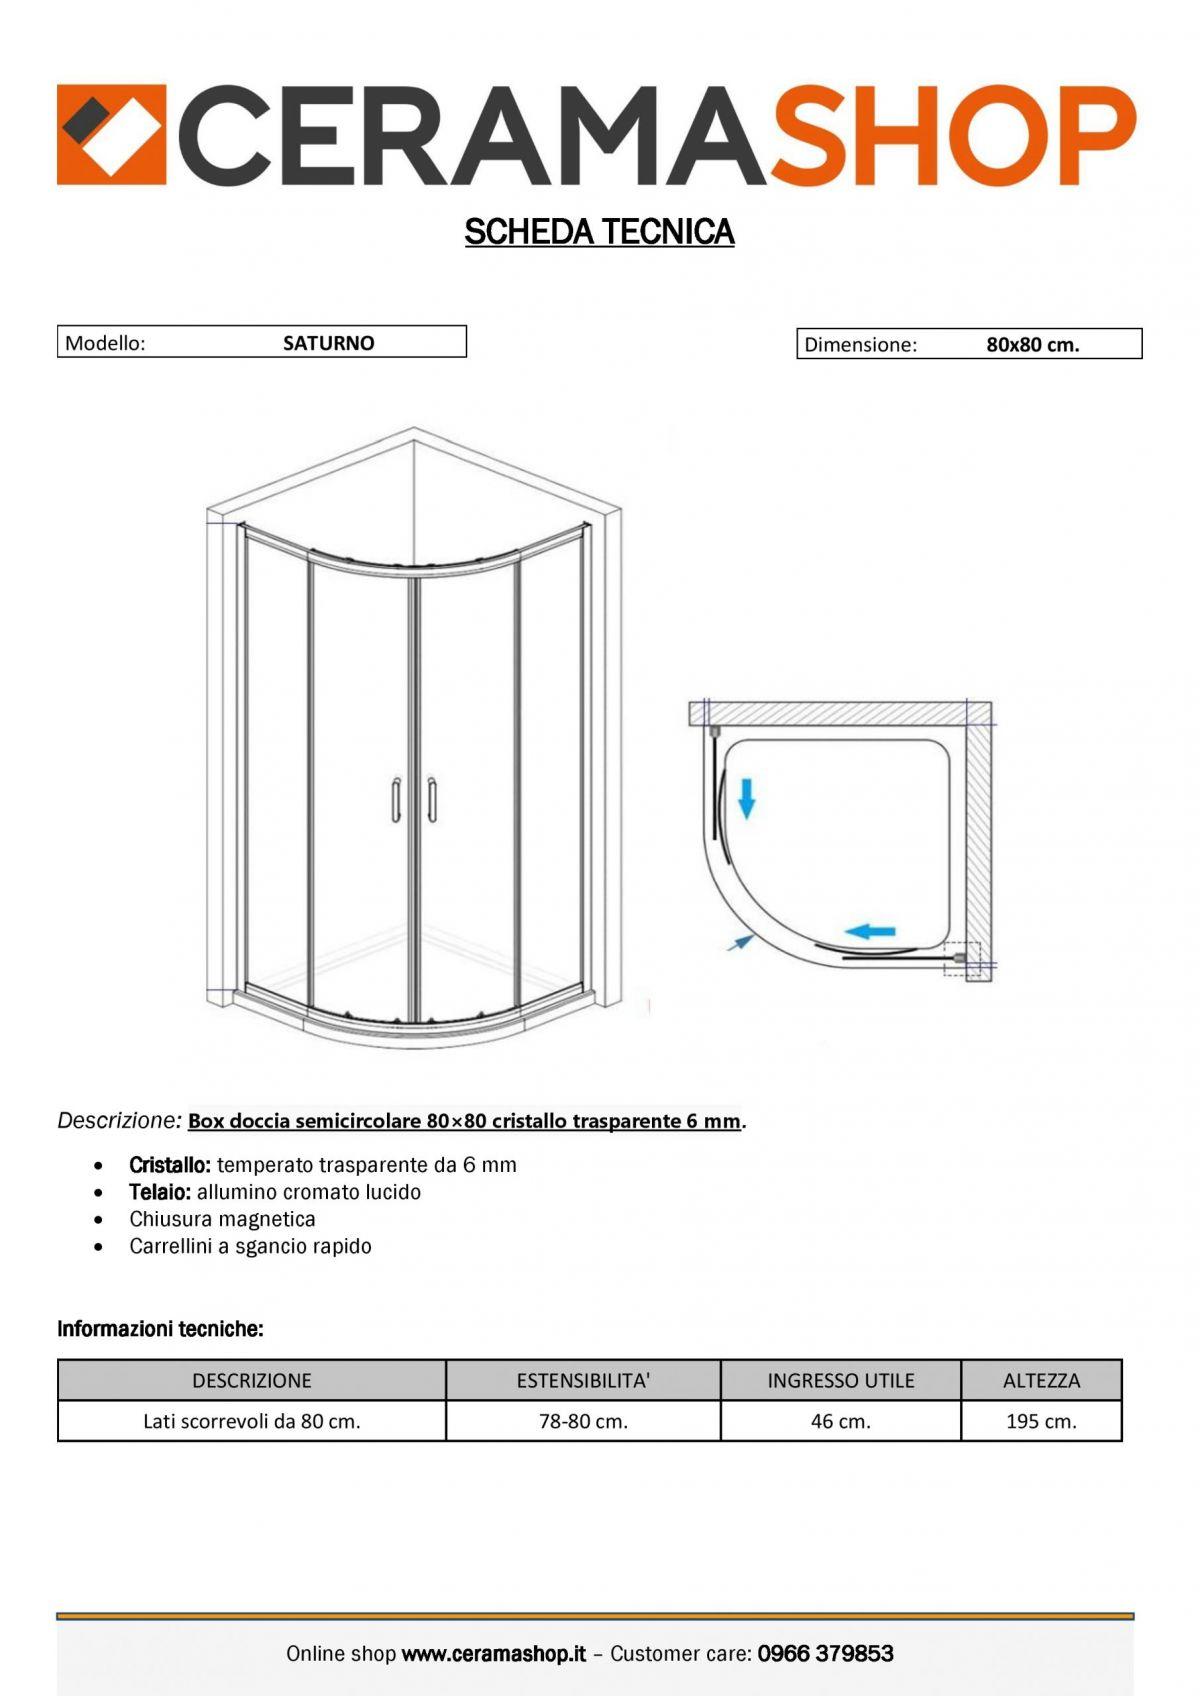 """semicircolare 80 80 0001 scaled Box doccia semicircolare """"Saturno"""" 80×80 cm scorrevole cristallo trasparente 6 mm"""